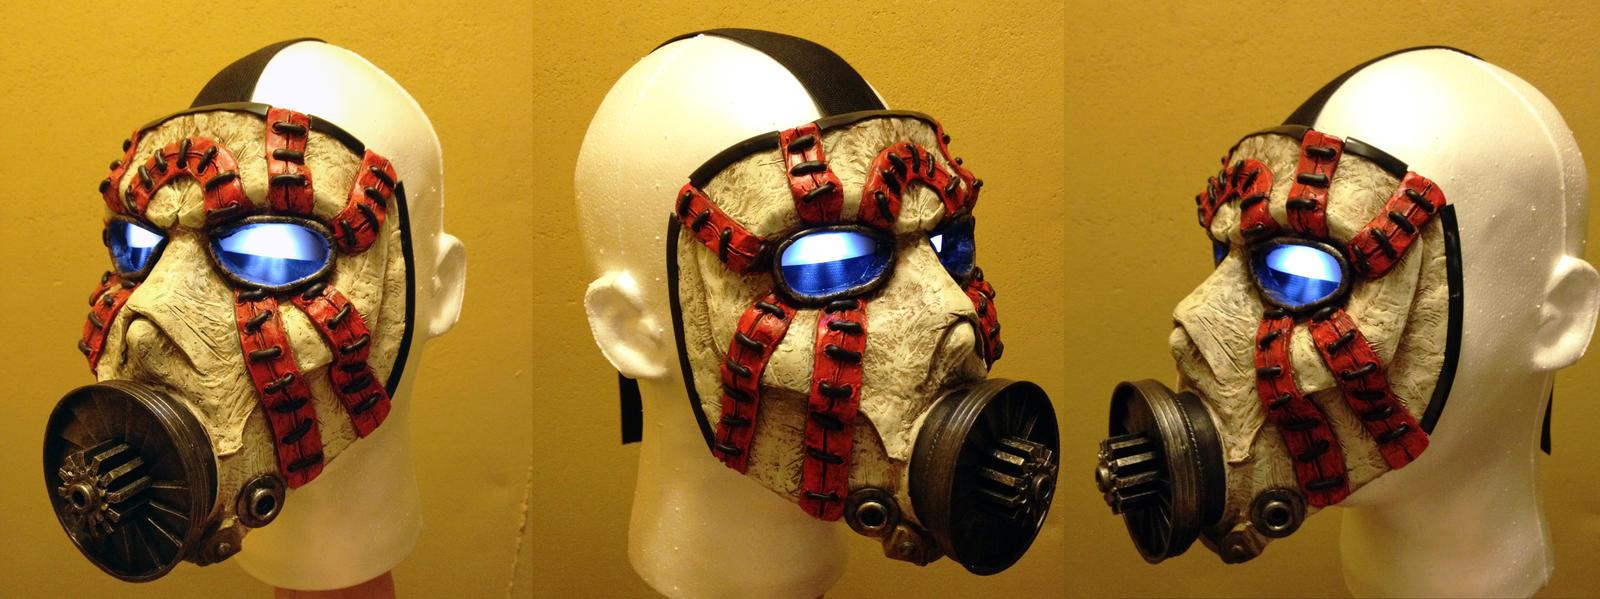 Borderlands Psycho Bandit Mask by SKSProps